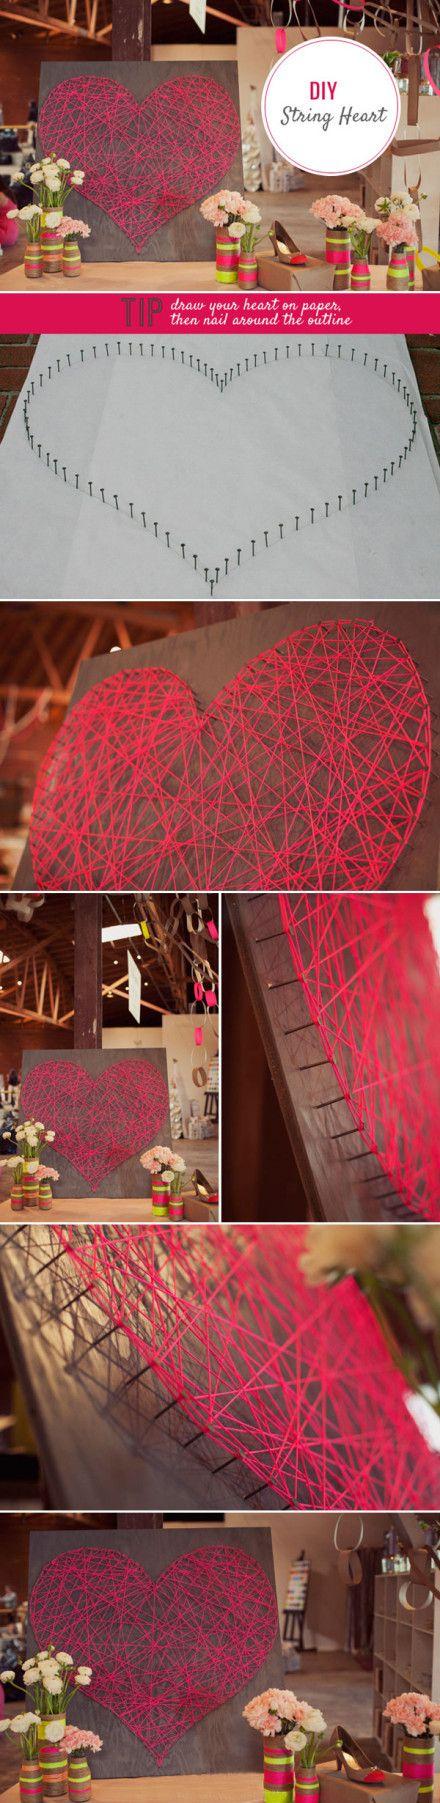 DIY string heart